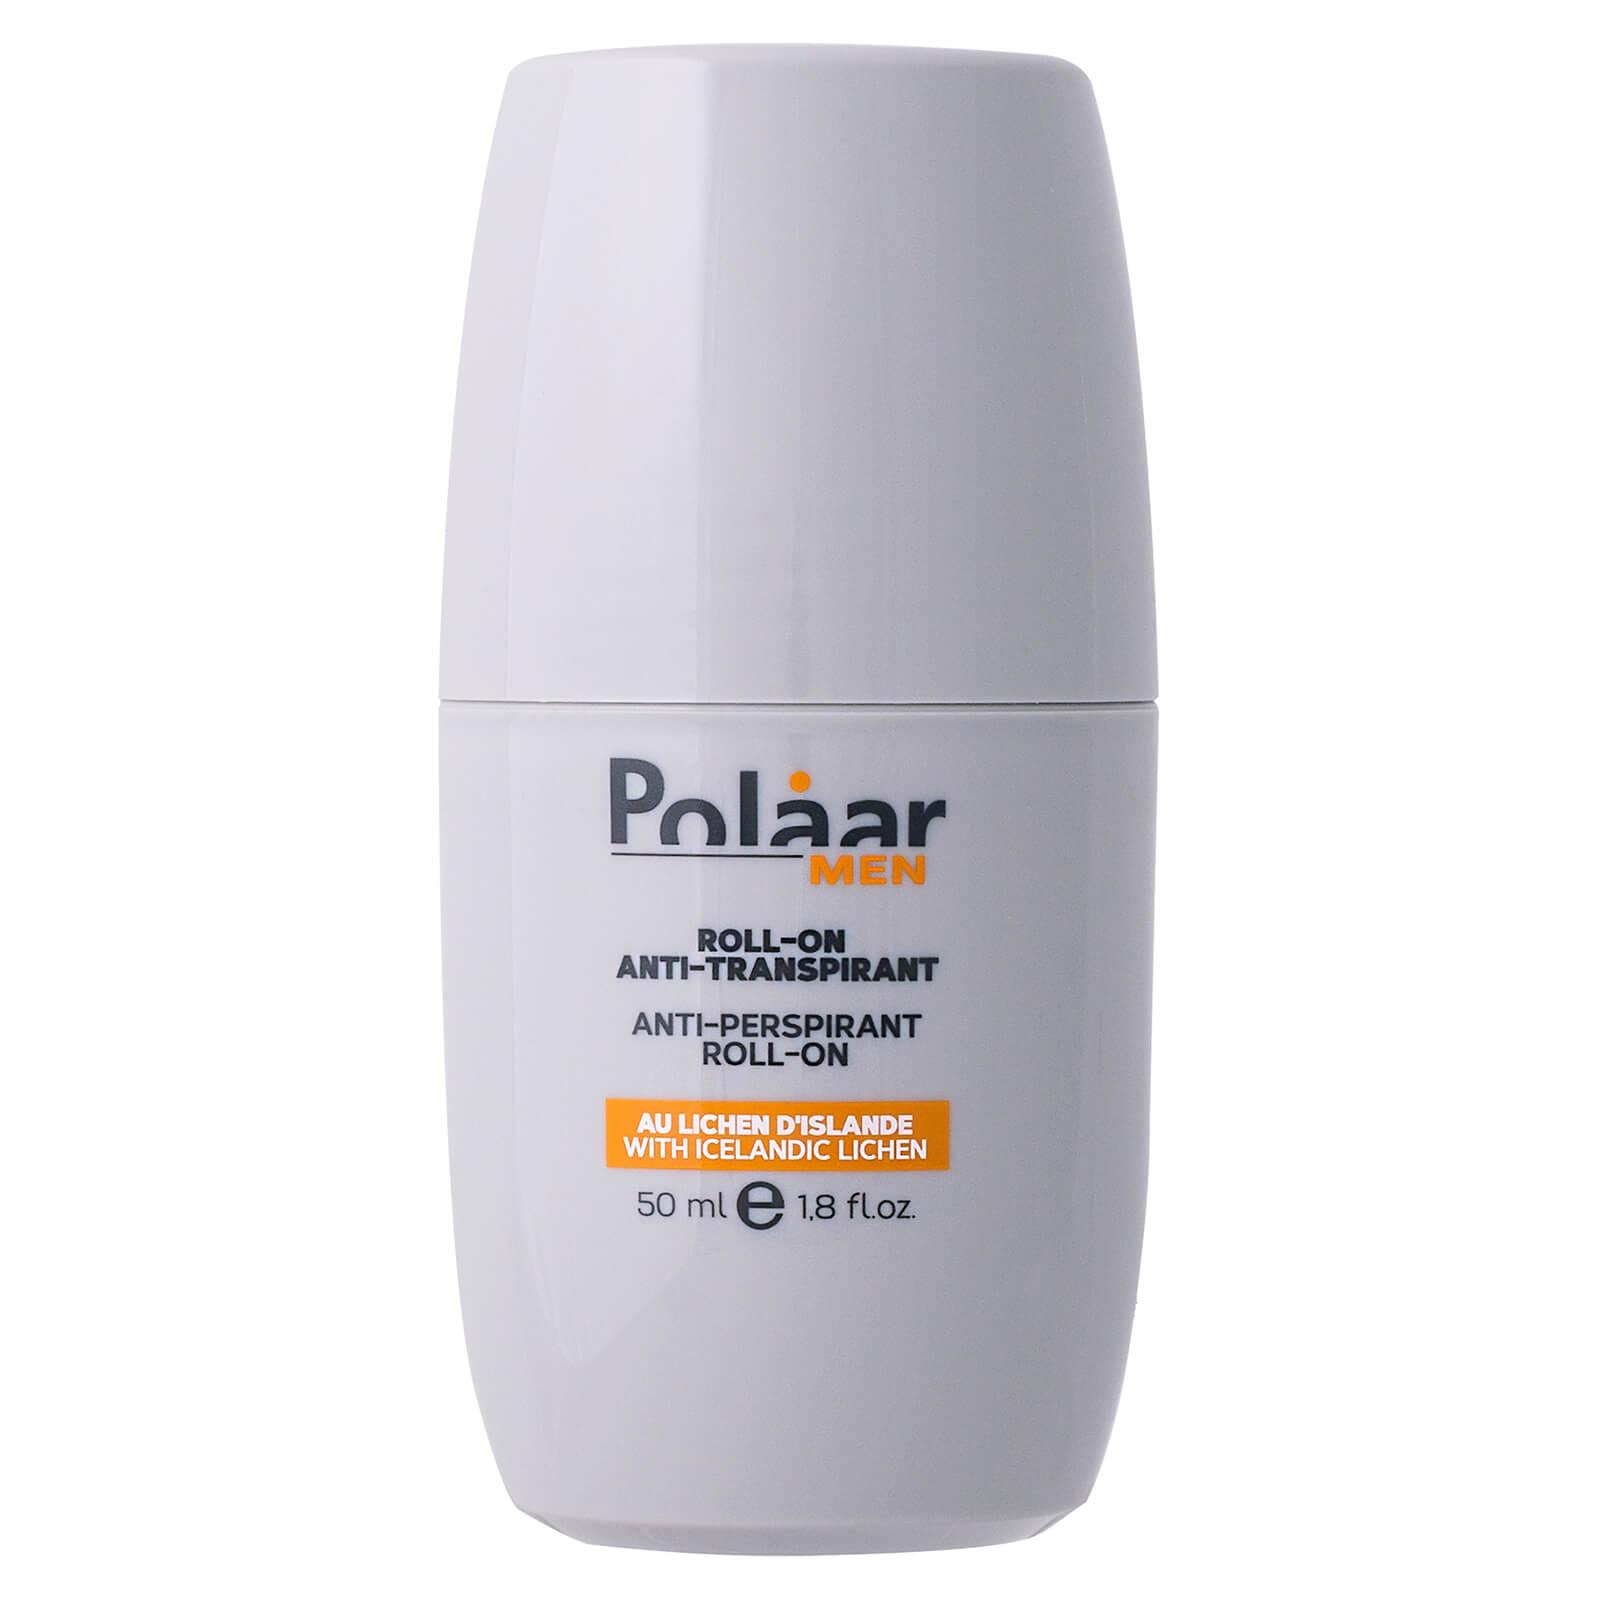 Polaar Déodorant Anti-transpirant Roll-On Polaar 50g